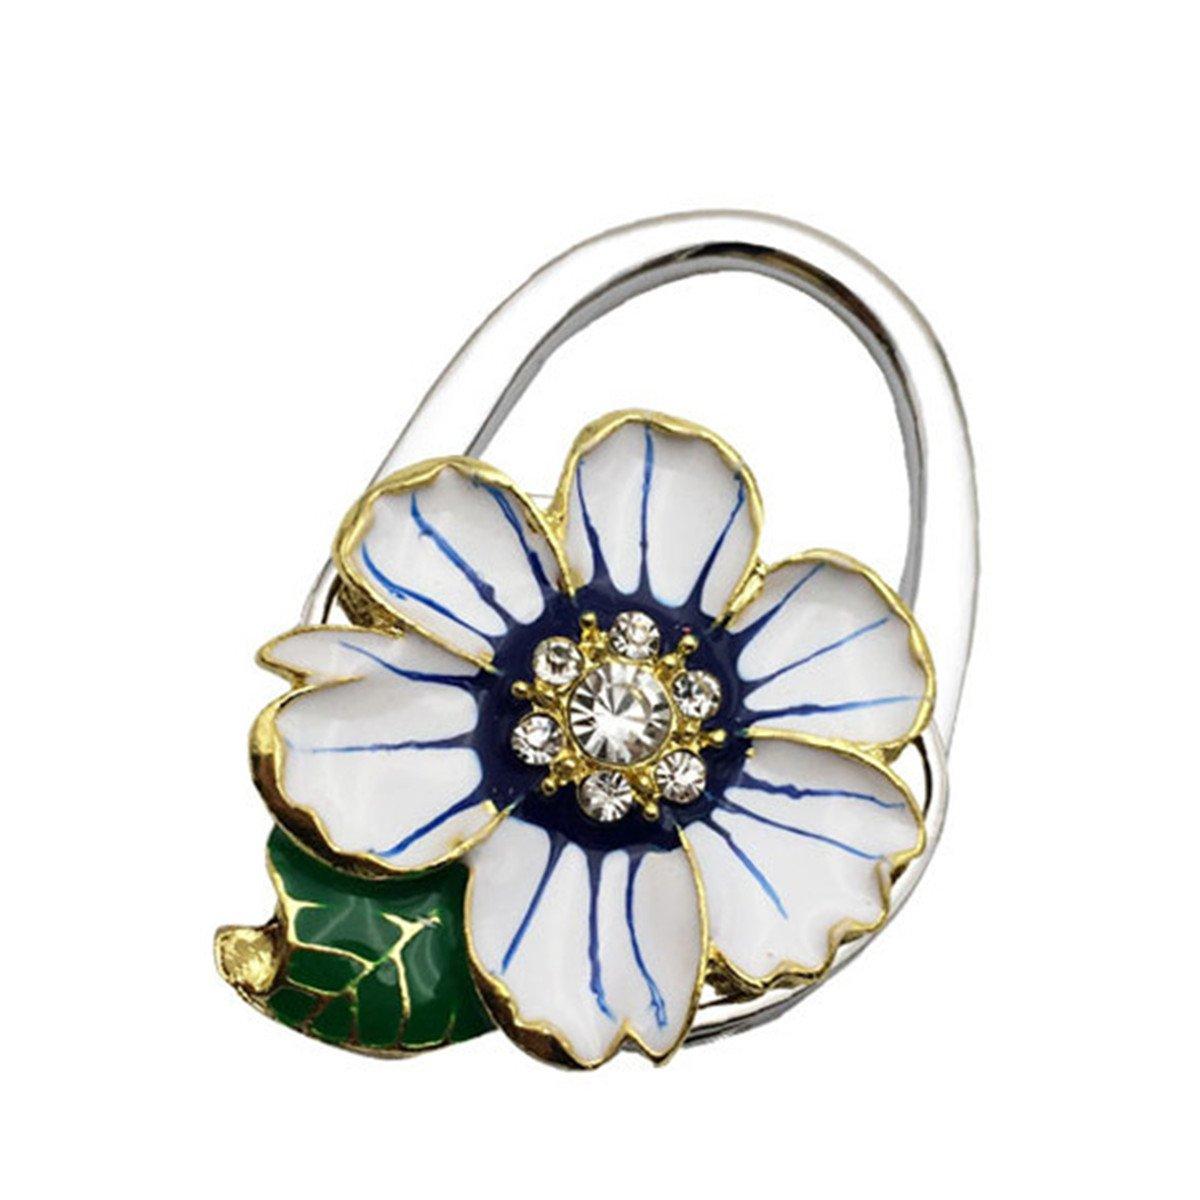 Beige Chrysanthemums with Leaves Designed Shoulder Handbag Folding Purse Holder Hangers Hooks Foldable Purse Hanger Handbag Table Hook Holder